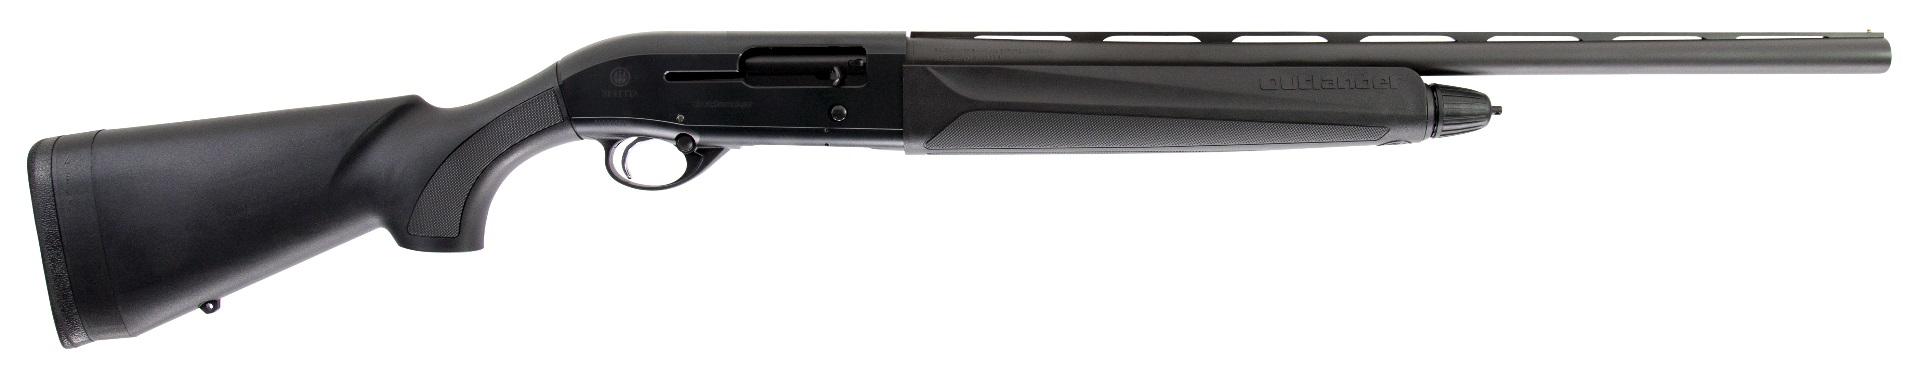 Beretta A300 Outlander 12 Gauge